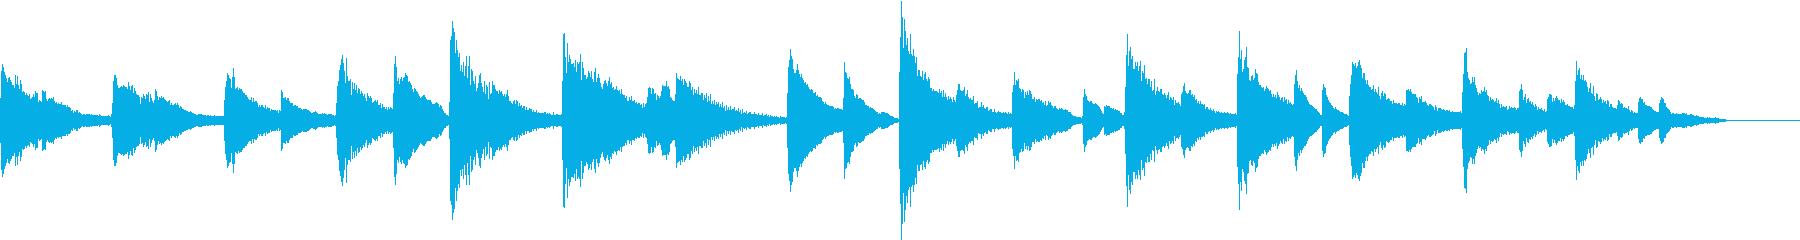 【しっとり系】30秒ピアノソロの再生済みの波形